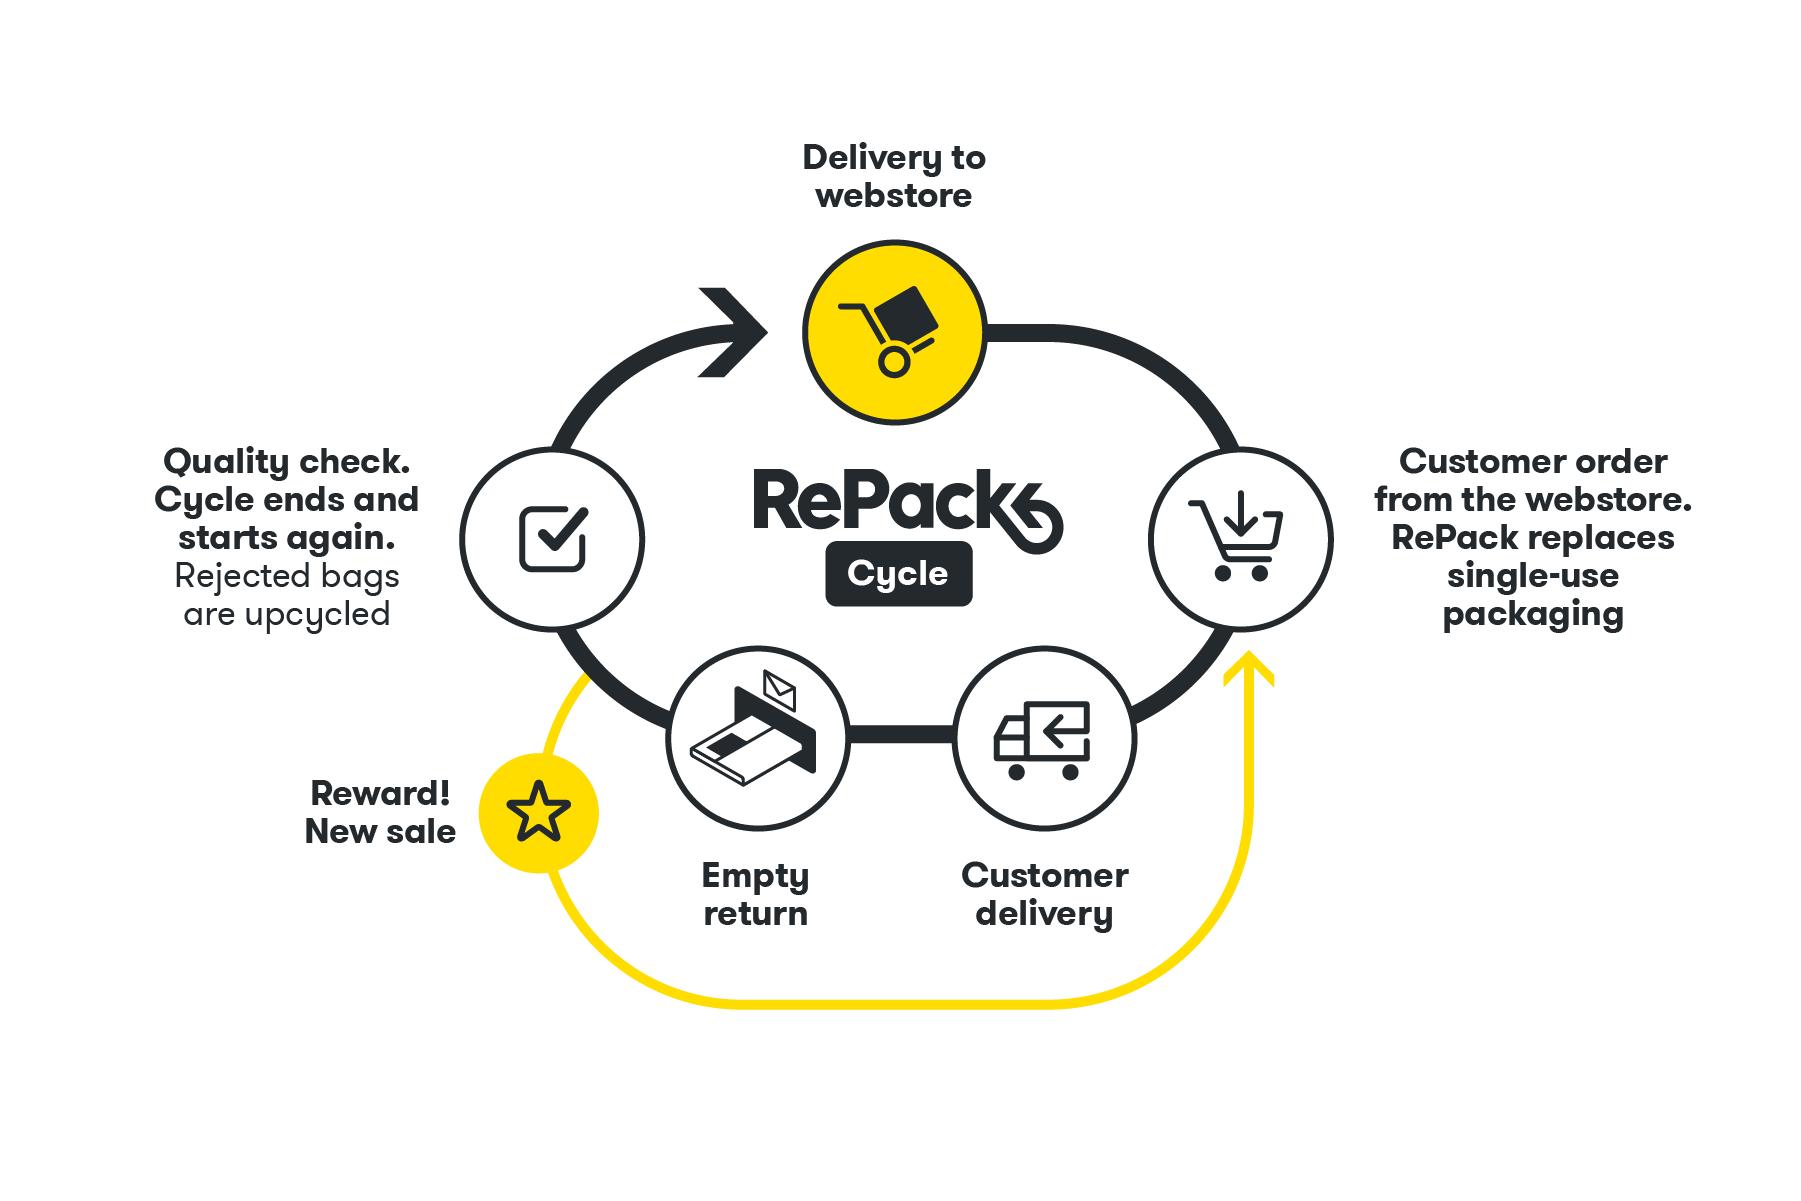 RePack – Cycle V2